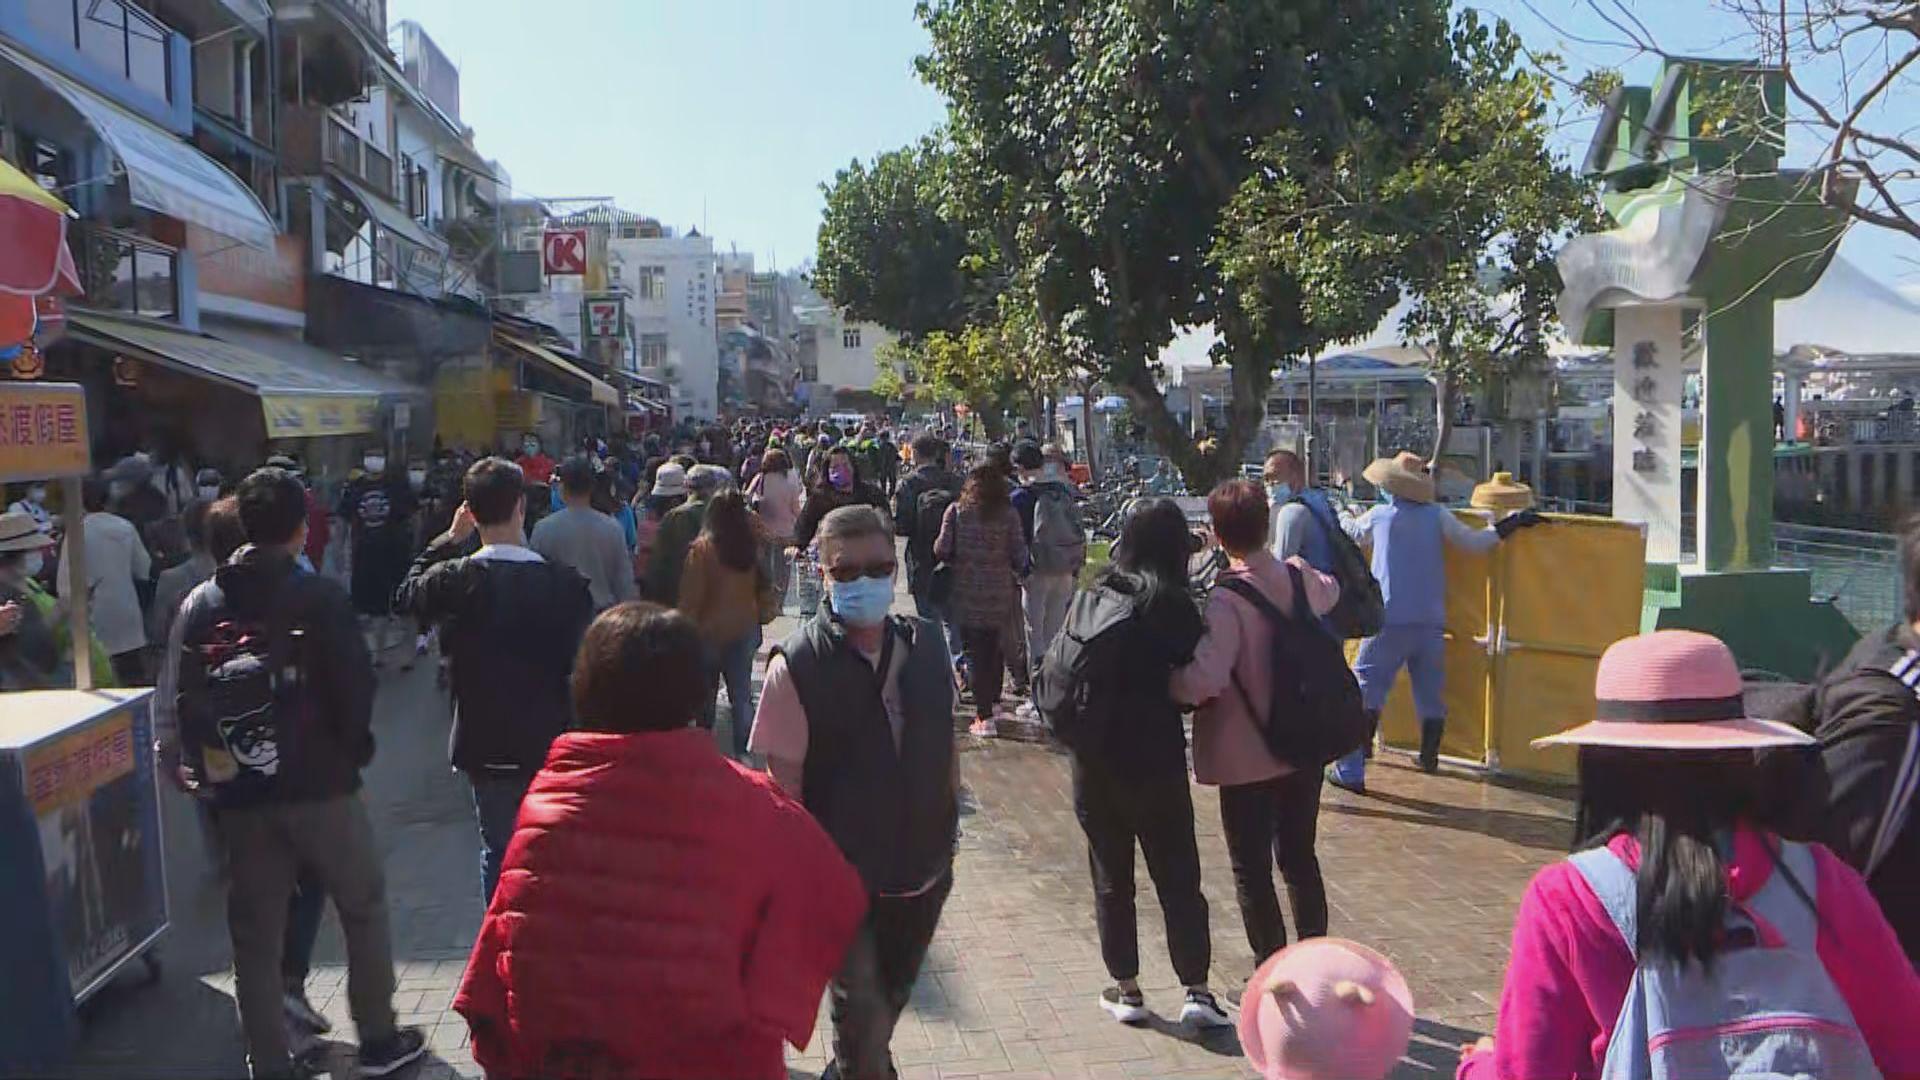 農曆年假期人潮「逼爆」長洲 居民不滿生活被打擾